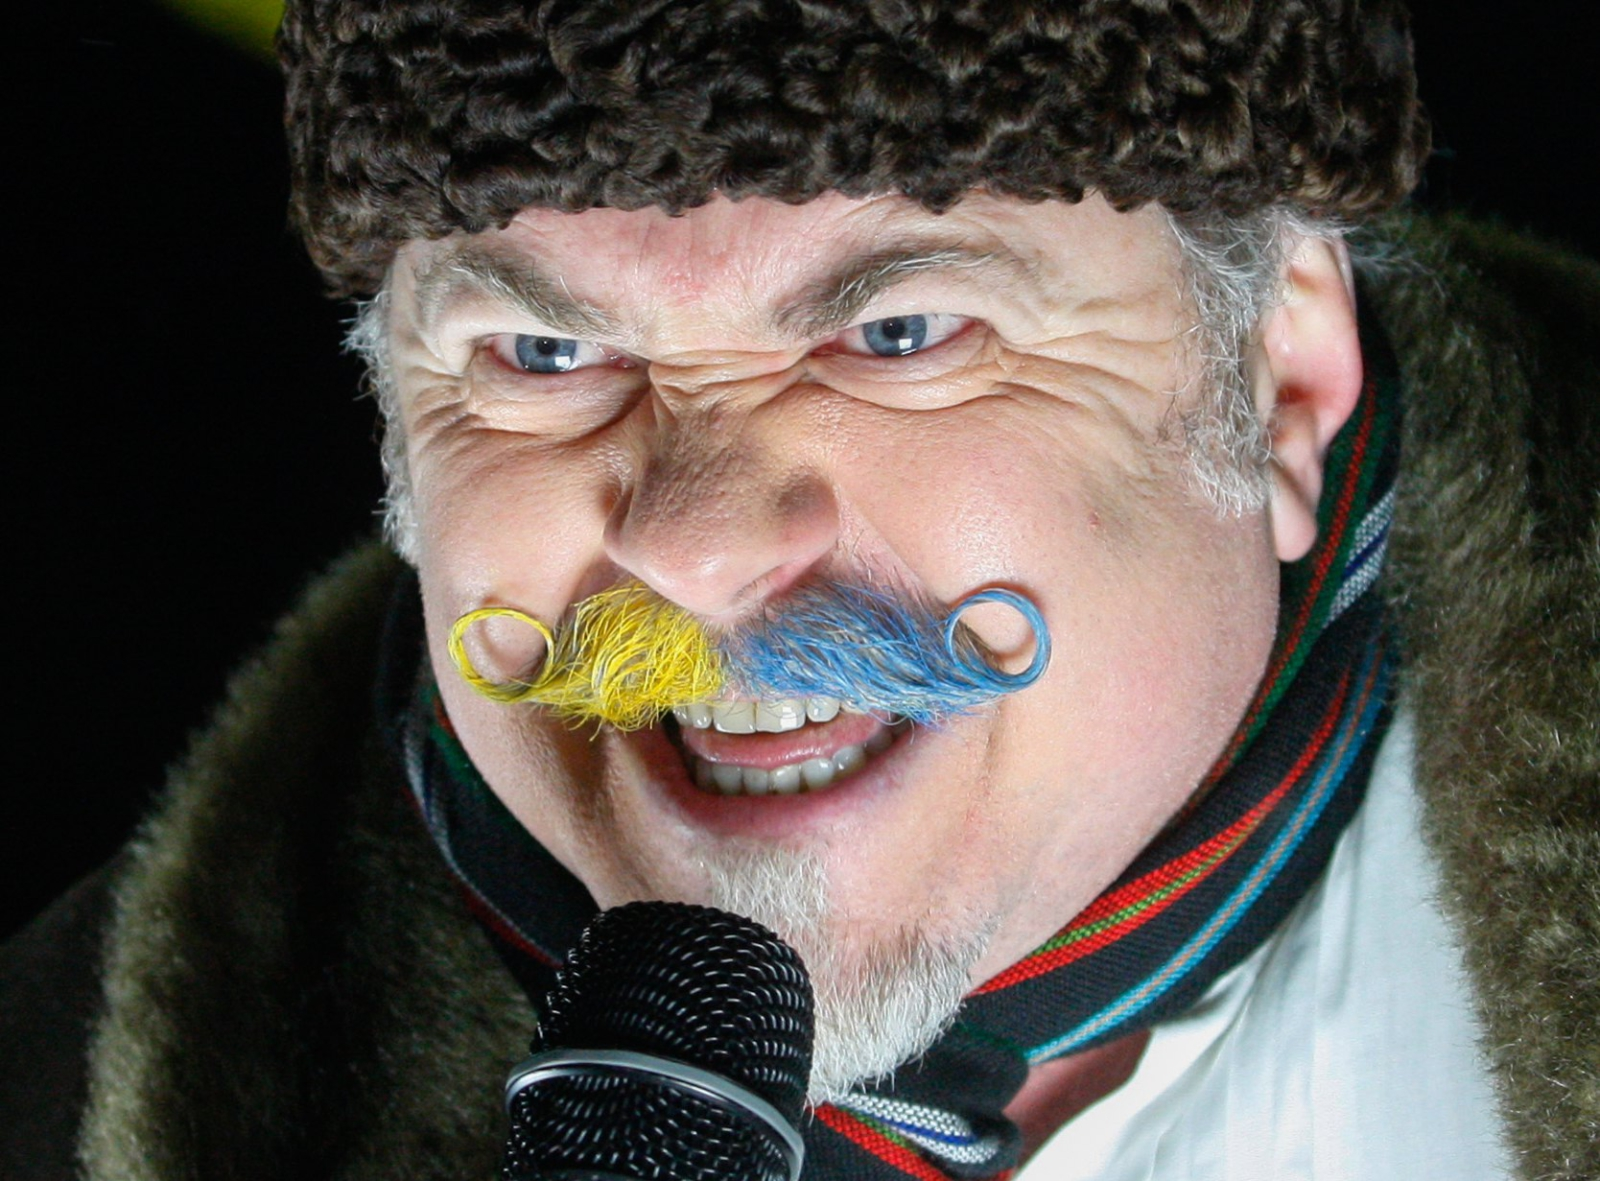 Aktywista z pomalowanymi na ukraińskie kolory wąsami przemawia podczas protestu pod rosyjską ambasadą w Kijowie, Ukraina.